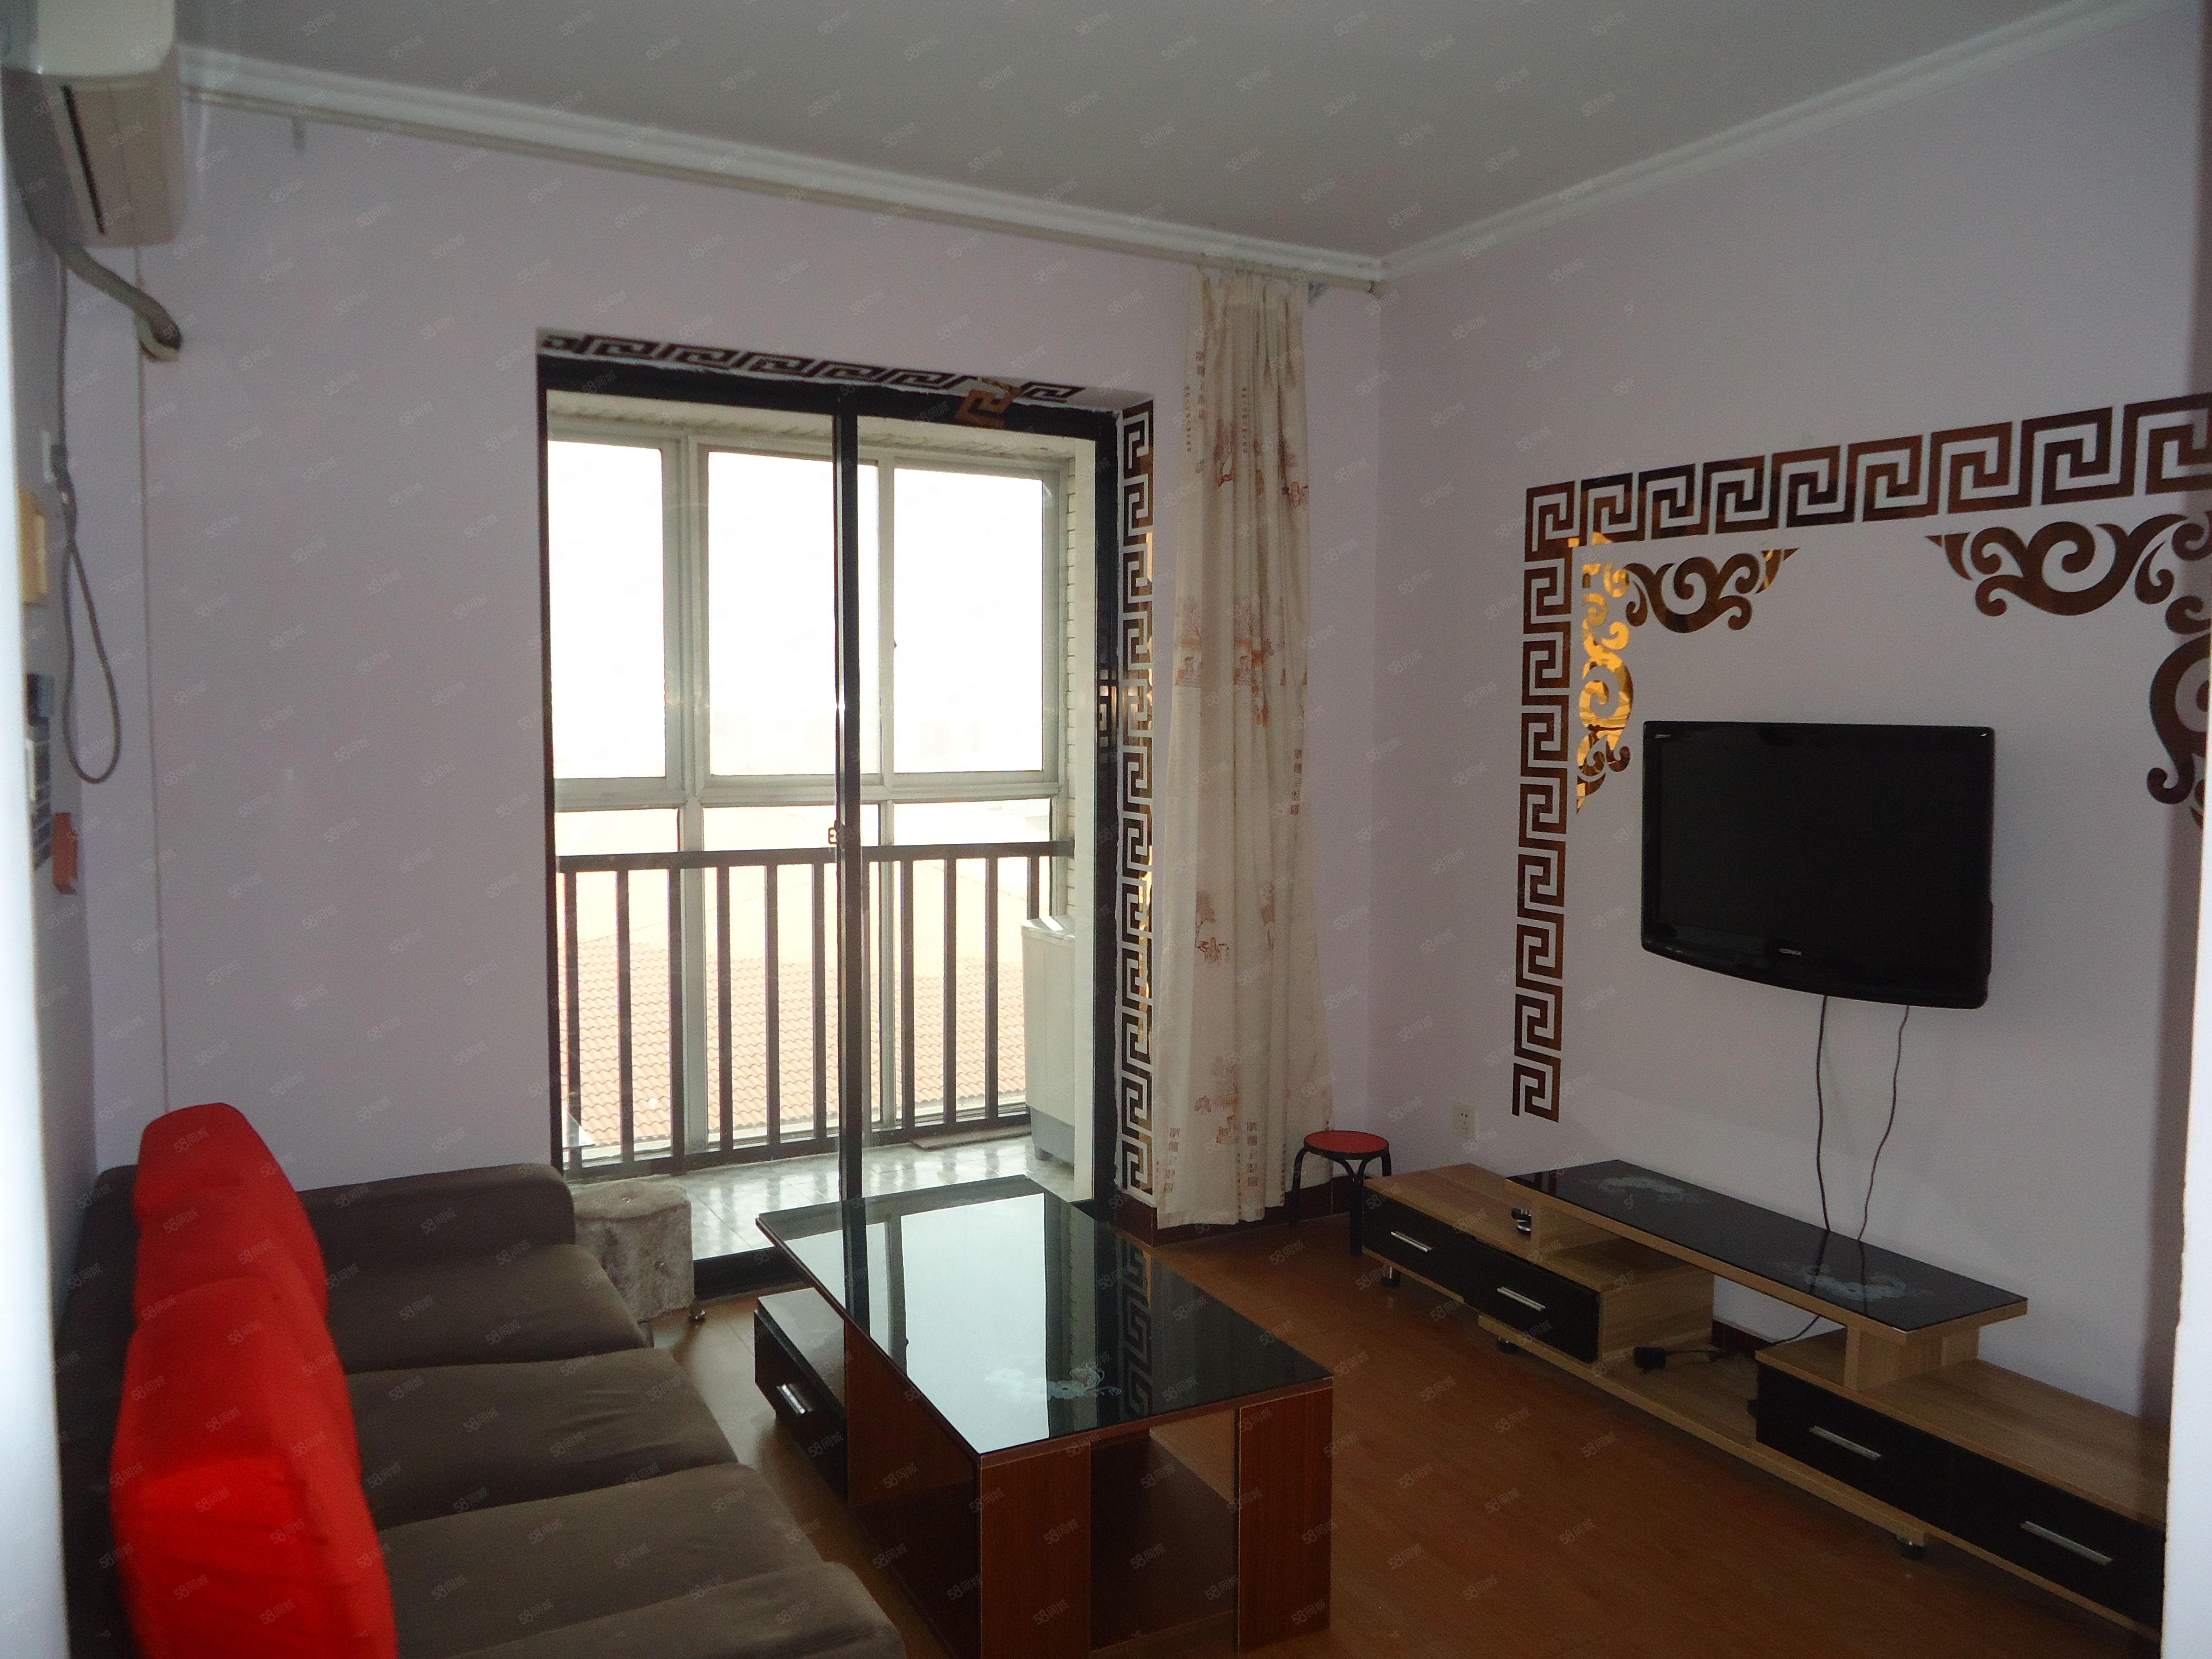 宝龙广场,精装一室一厅,家具齐全,干净卫生,电梯房,宽带。